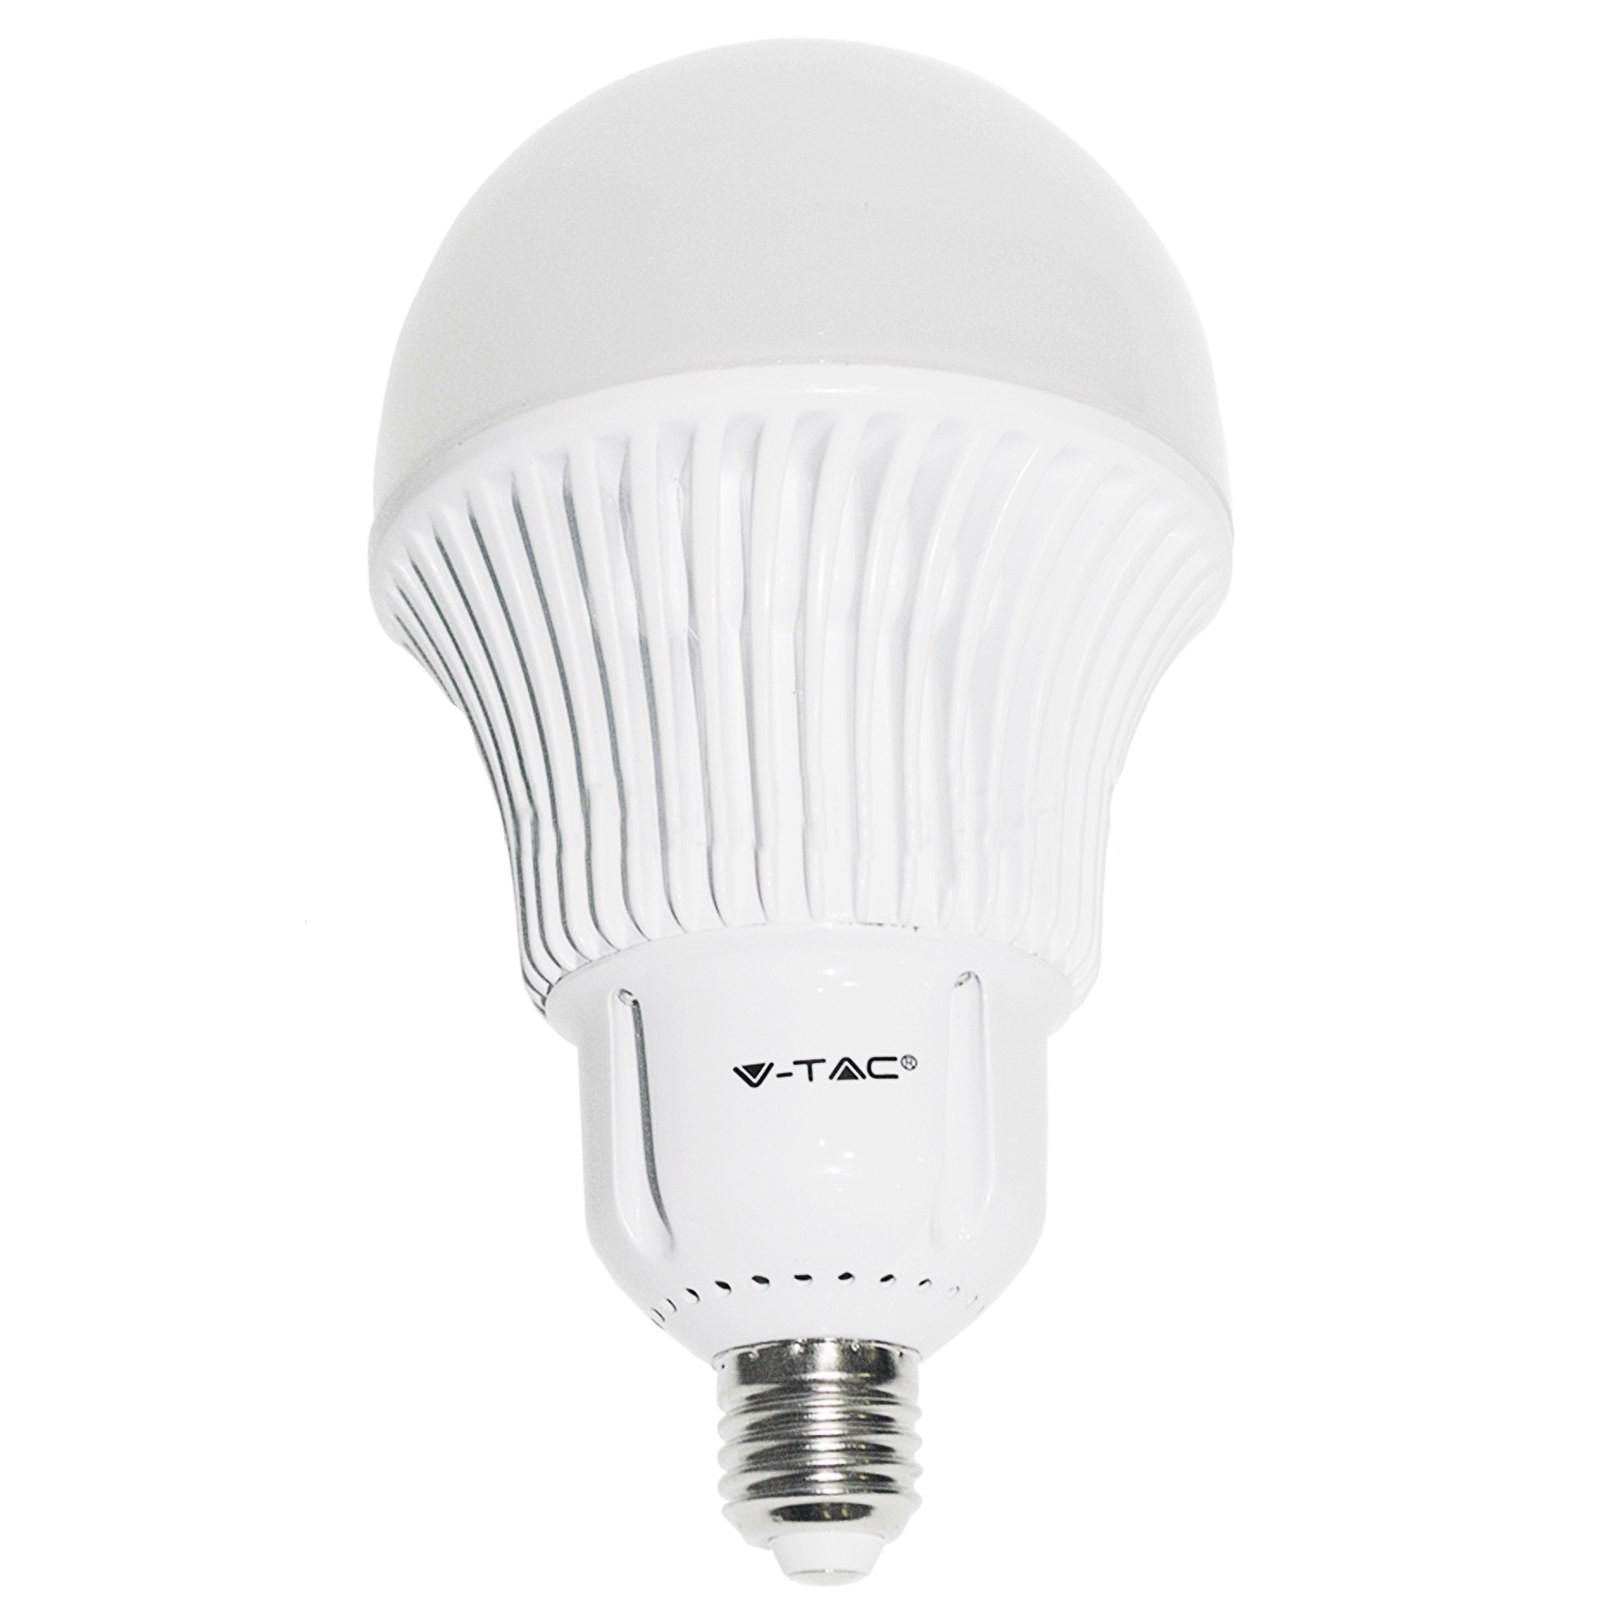 lampadina watt : Lampadina Lampada Led Bulb V-TAC E27 A120 30 WATT Luce Bianca Natura ...